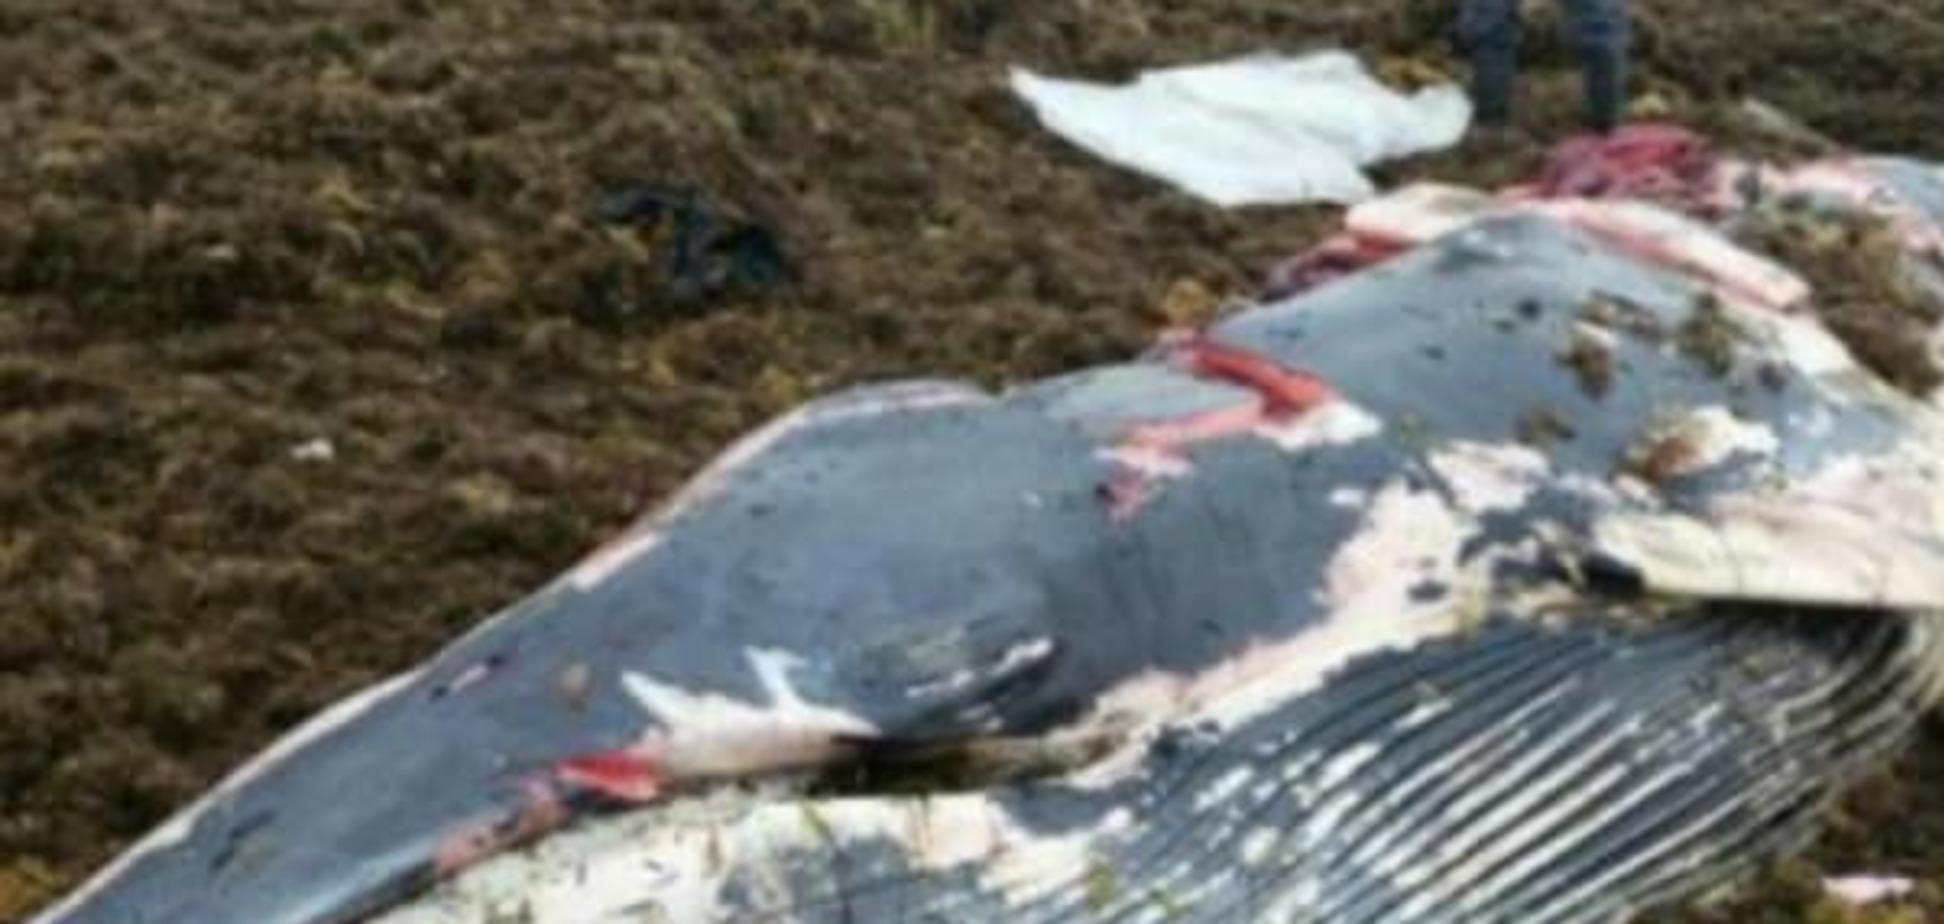 Вместо спасения: в России люди съели выбросившегося на берег кита. Опубликованы фото 18+